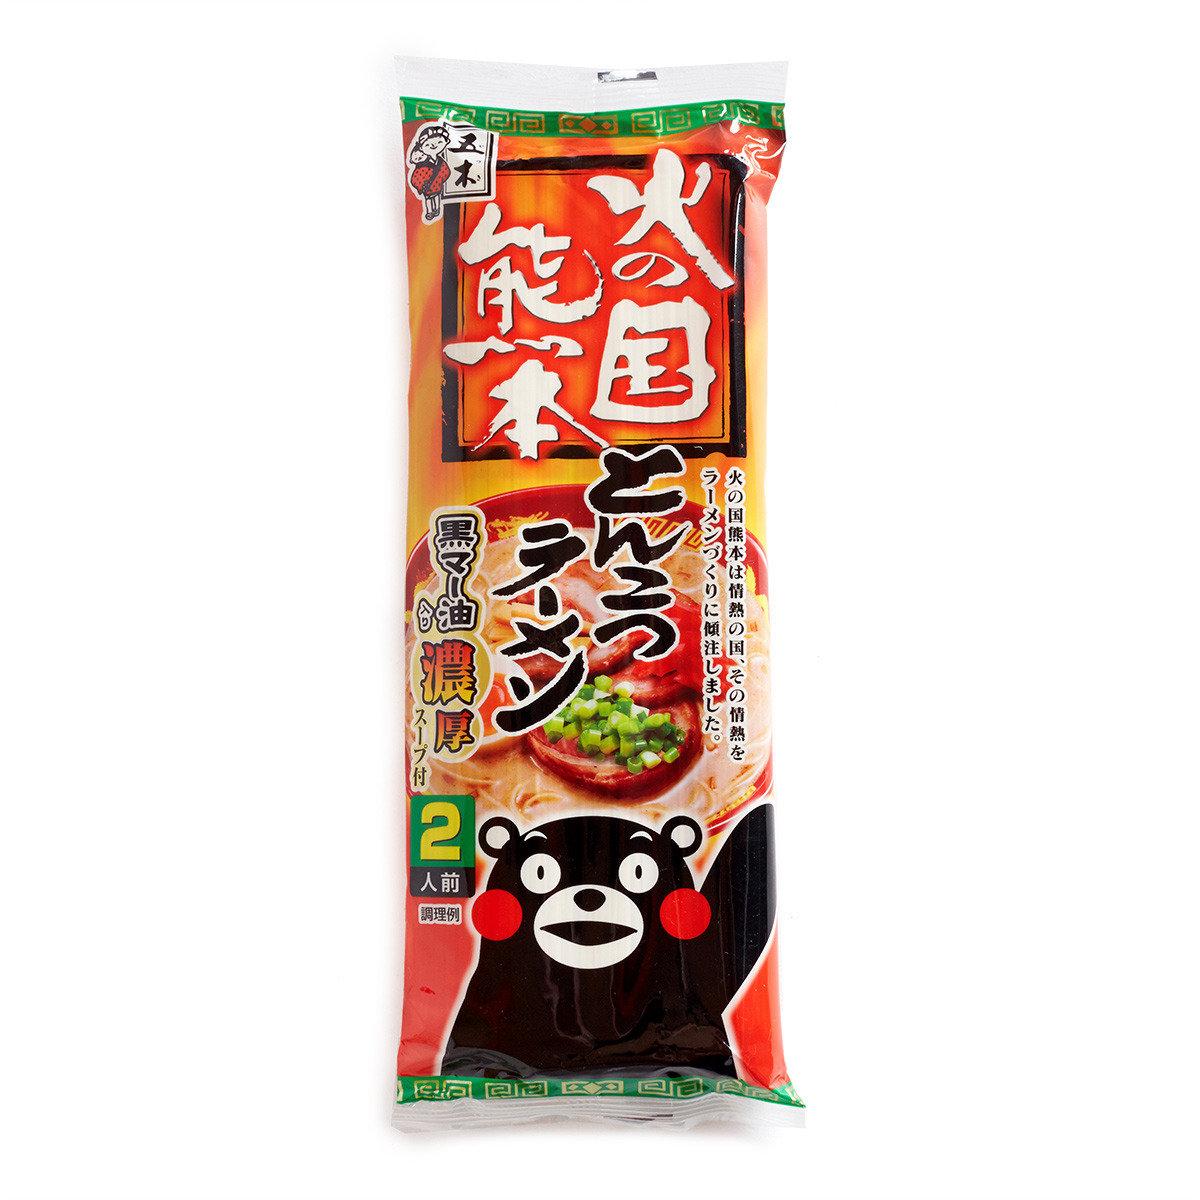 火之國熊本豬骨拉麵